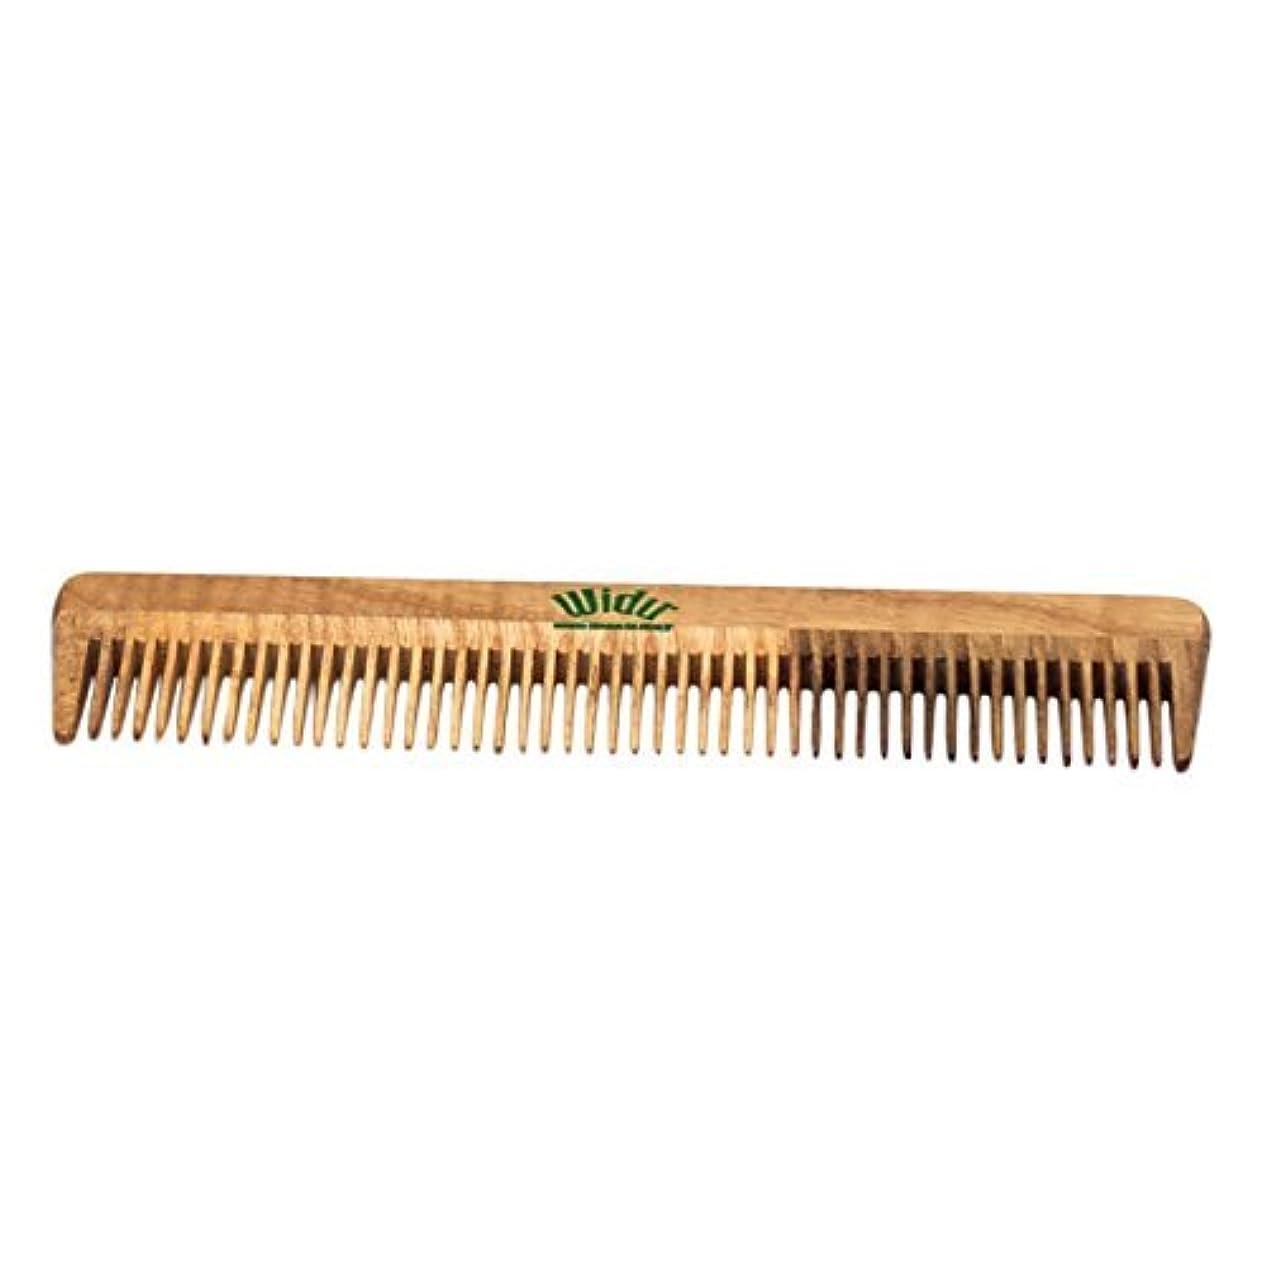 執着エイリアスヒントSmall Comb with Thin Spaced Teeth 1 Count [並行輸入品]